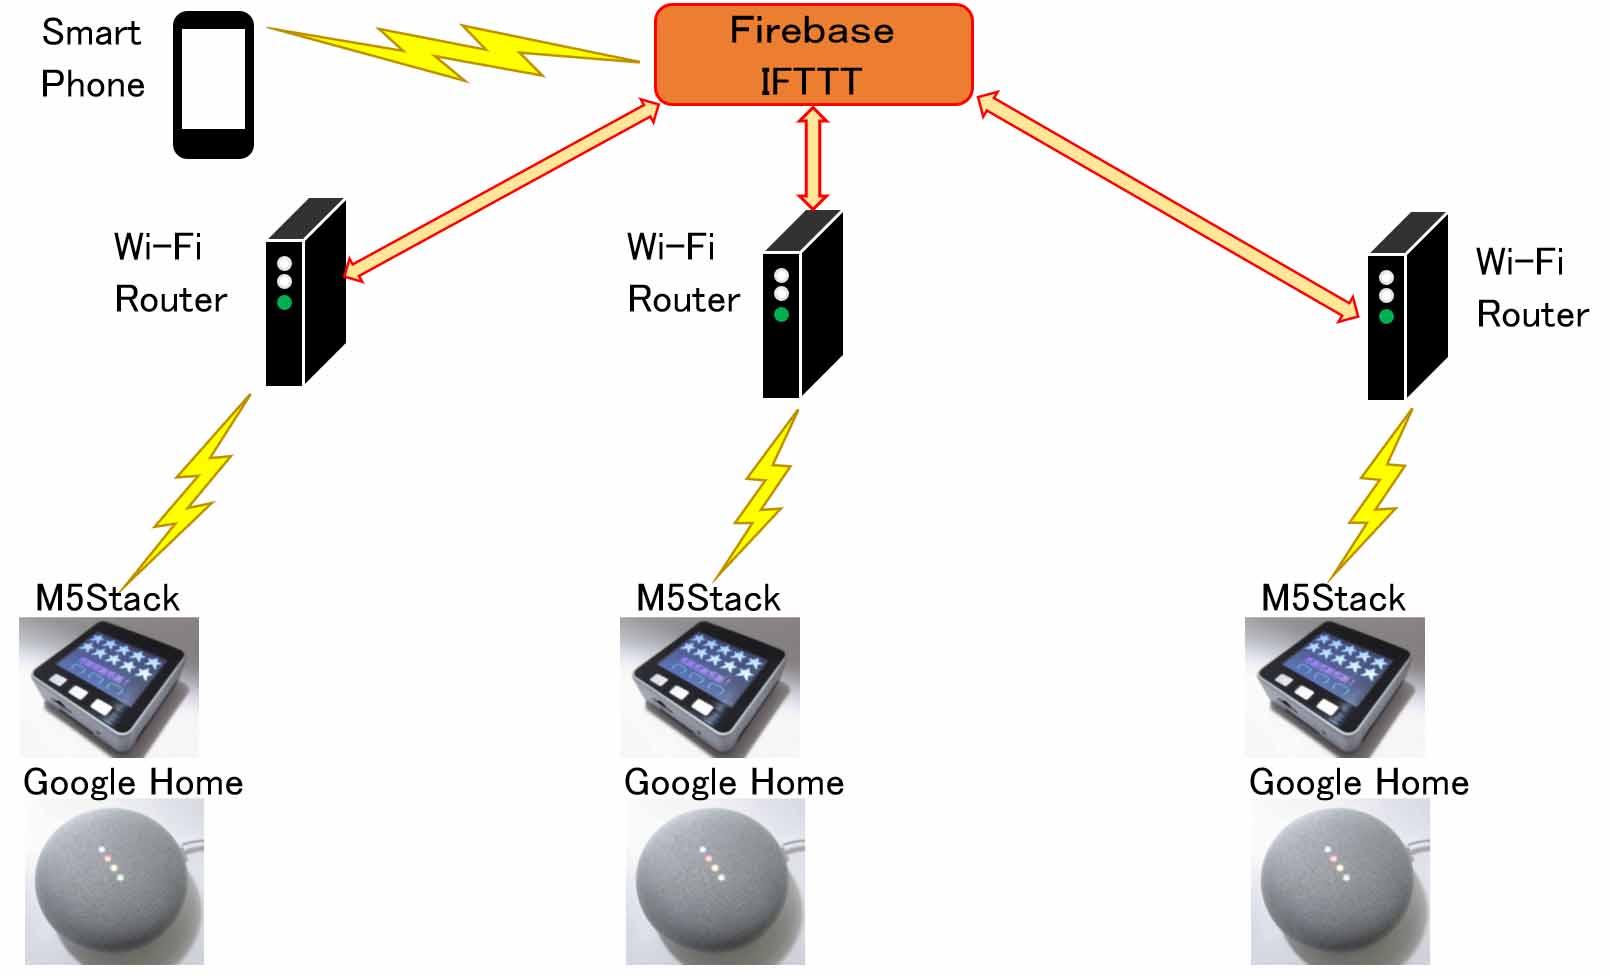 firebase_googlehome_m5stack02.jpg